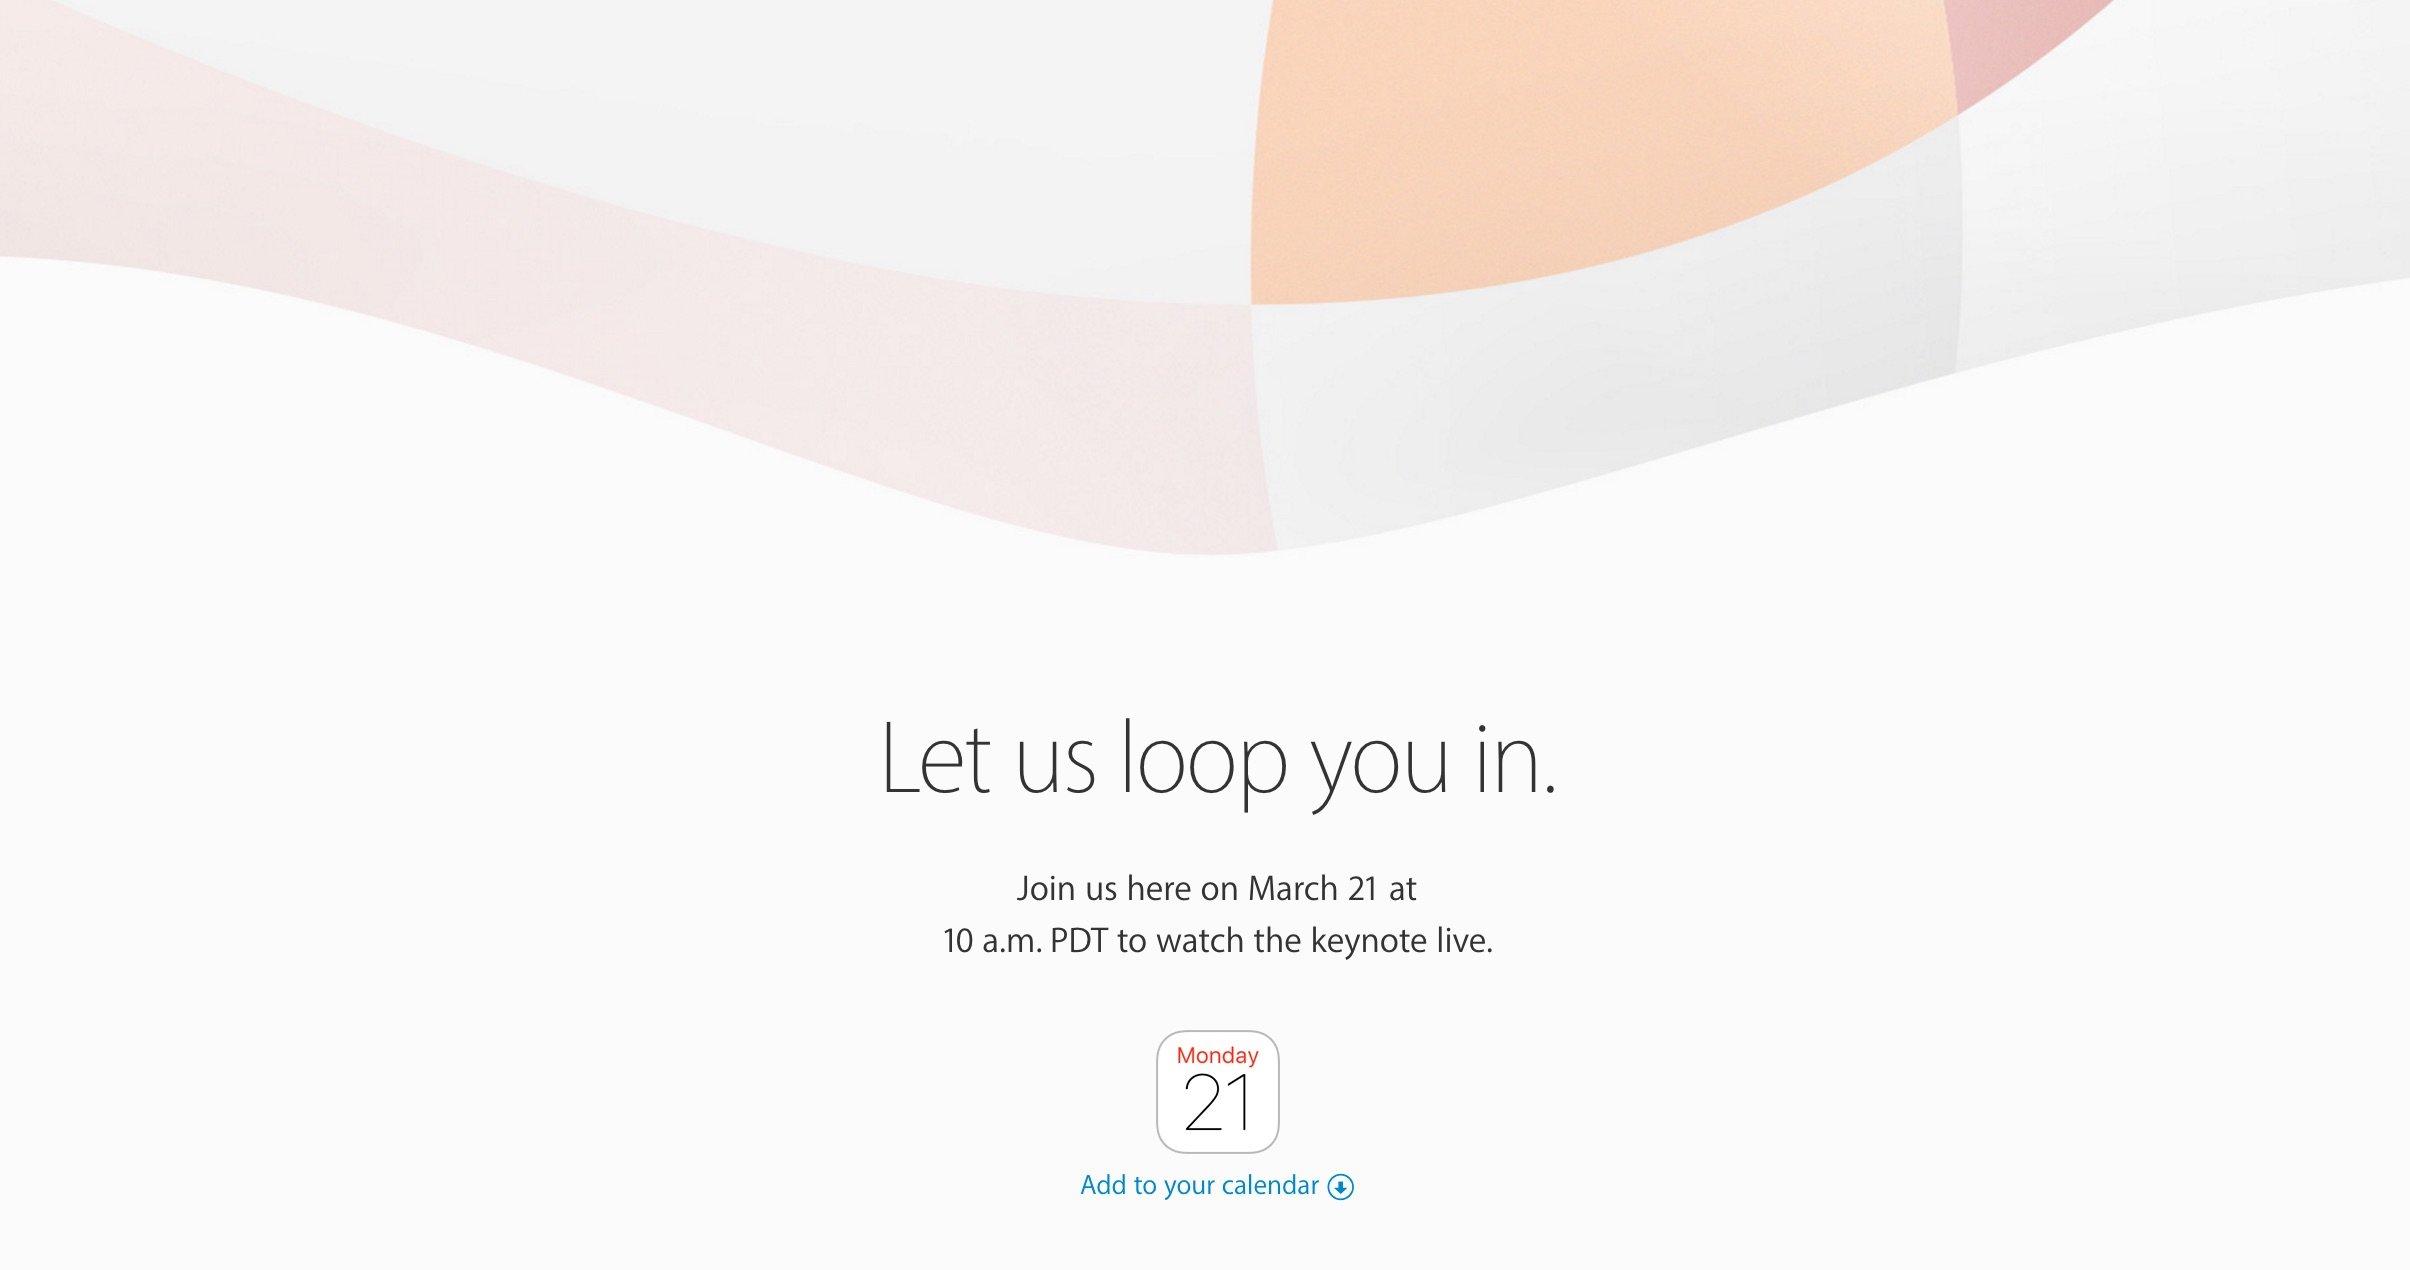 Apple iPhone SE Keynote mit Livestream 21.03.2016 bestätigt 1